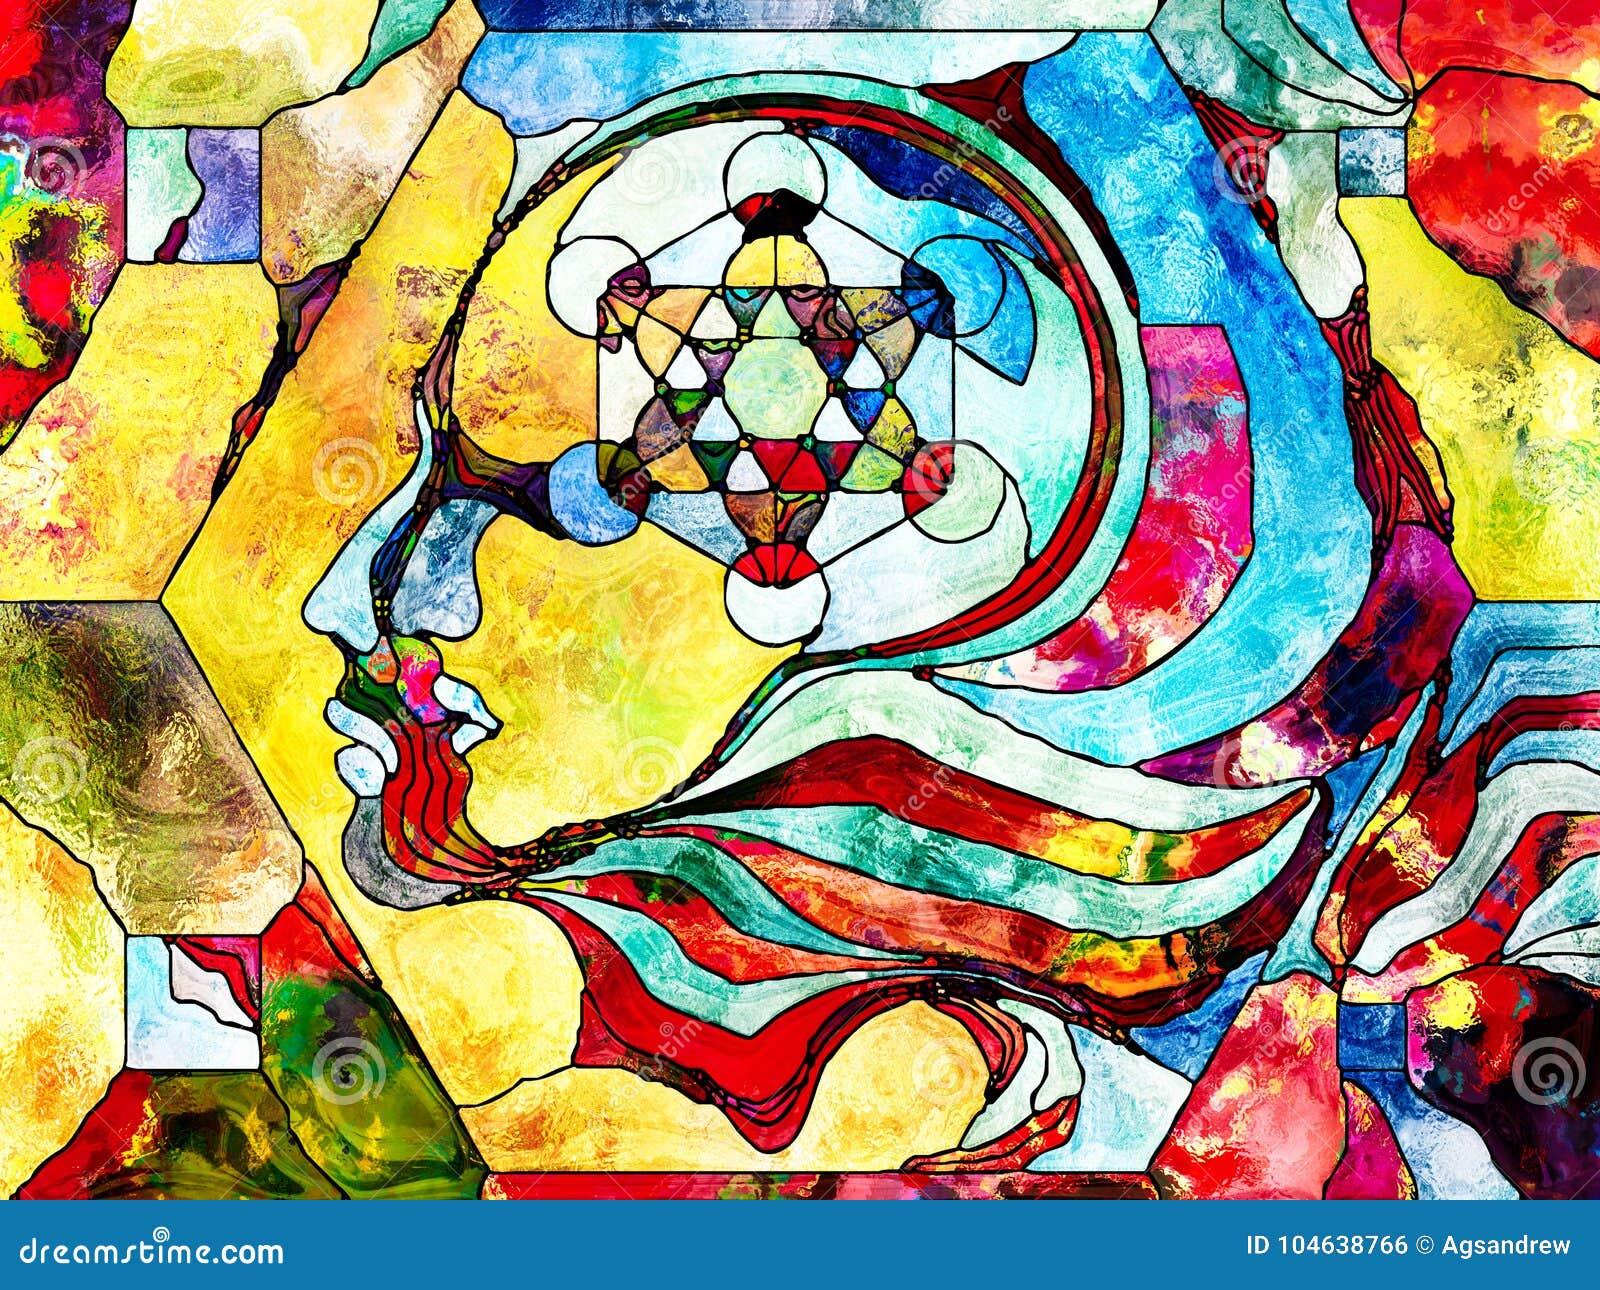 Download Koninkrijken Van Kleurenafdeling Stock Illustratie - Illustratie bestaande uit decoratief, metafoor: 104638766